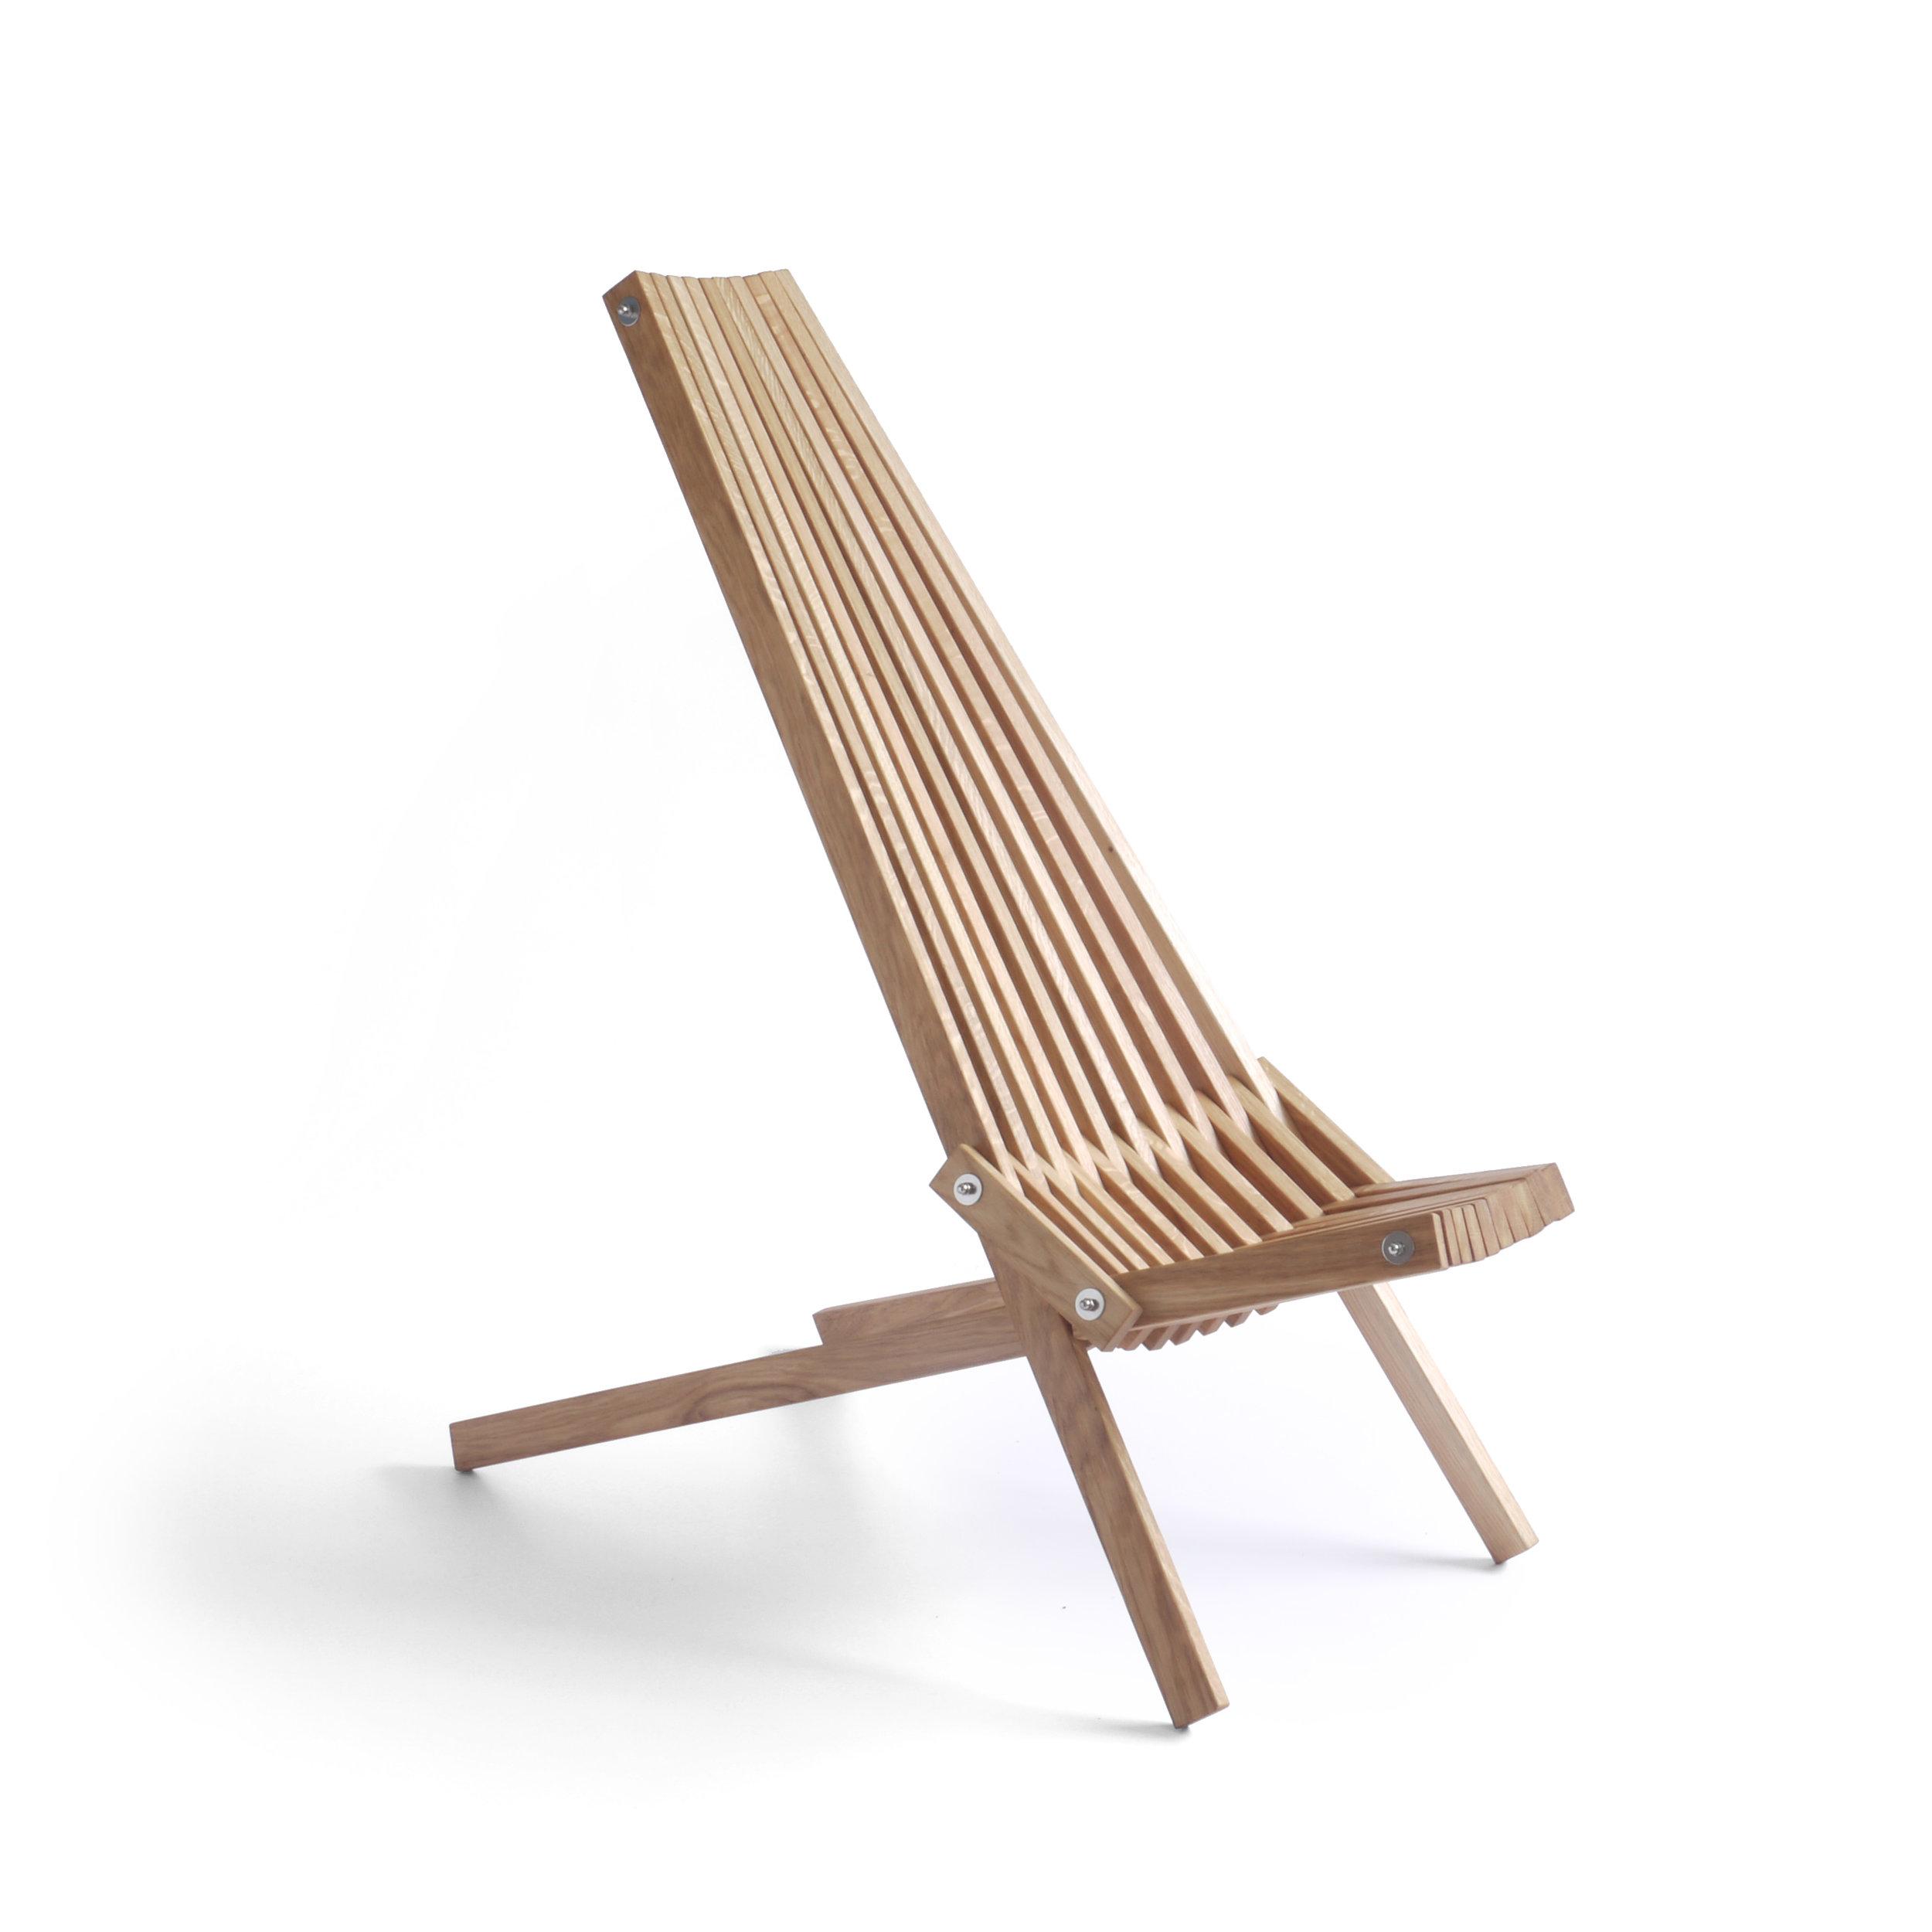 1 oak toby chair main.jpg